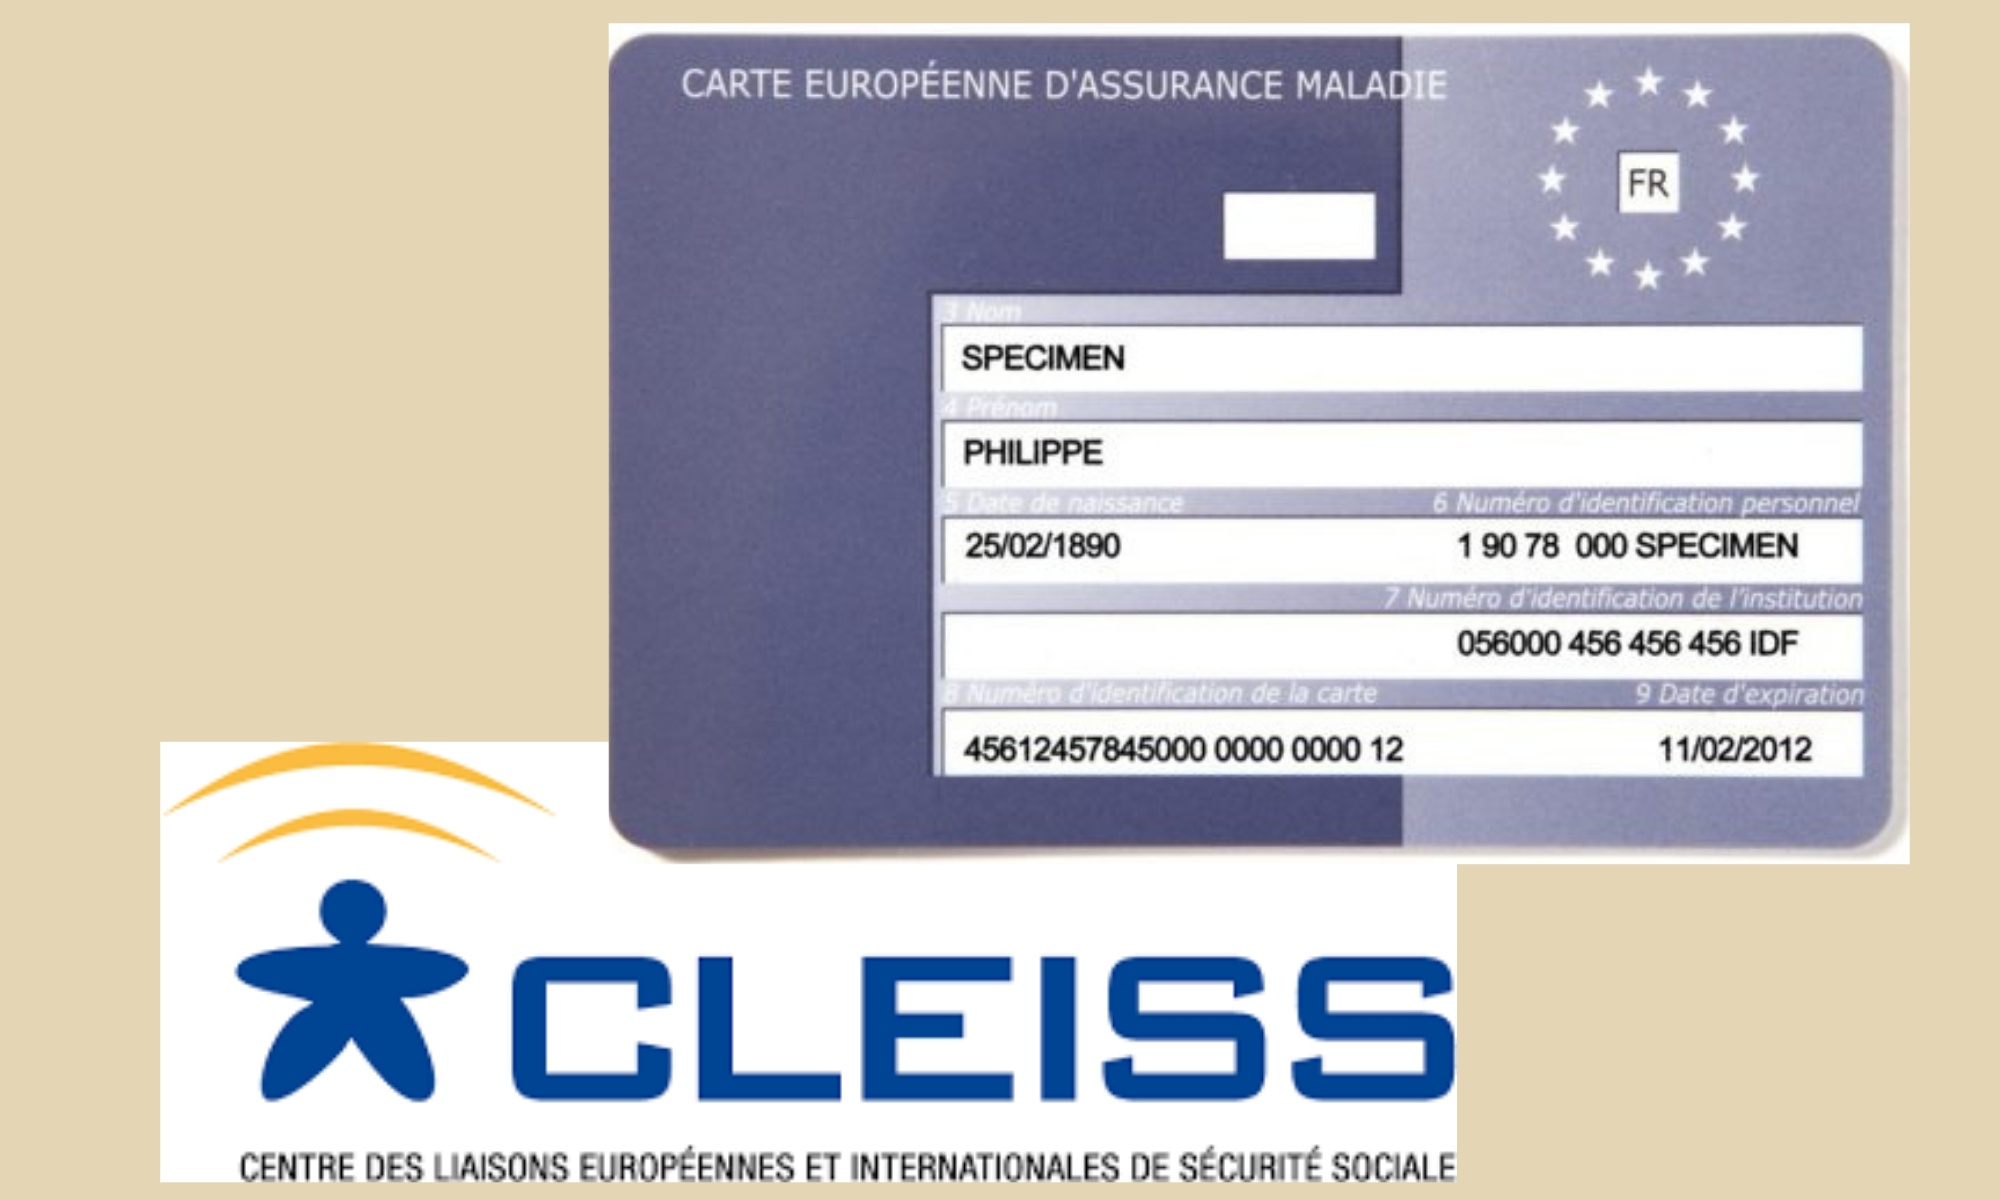 Commander En Ligne La Carte Europeenne D Assurance Maladie Ceam Journal Des Francais A L Etranger